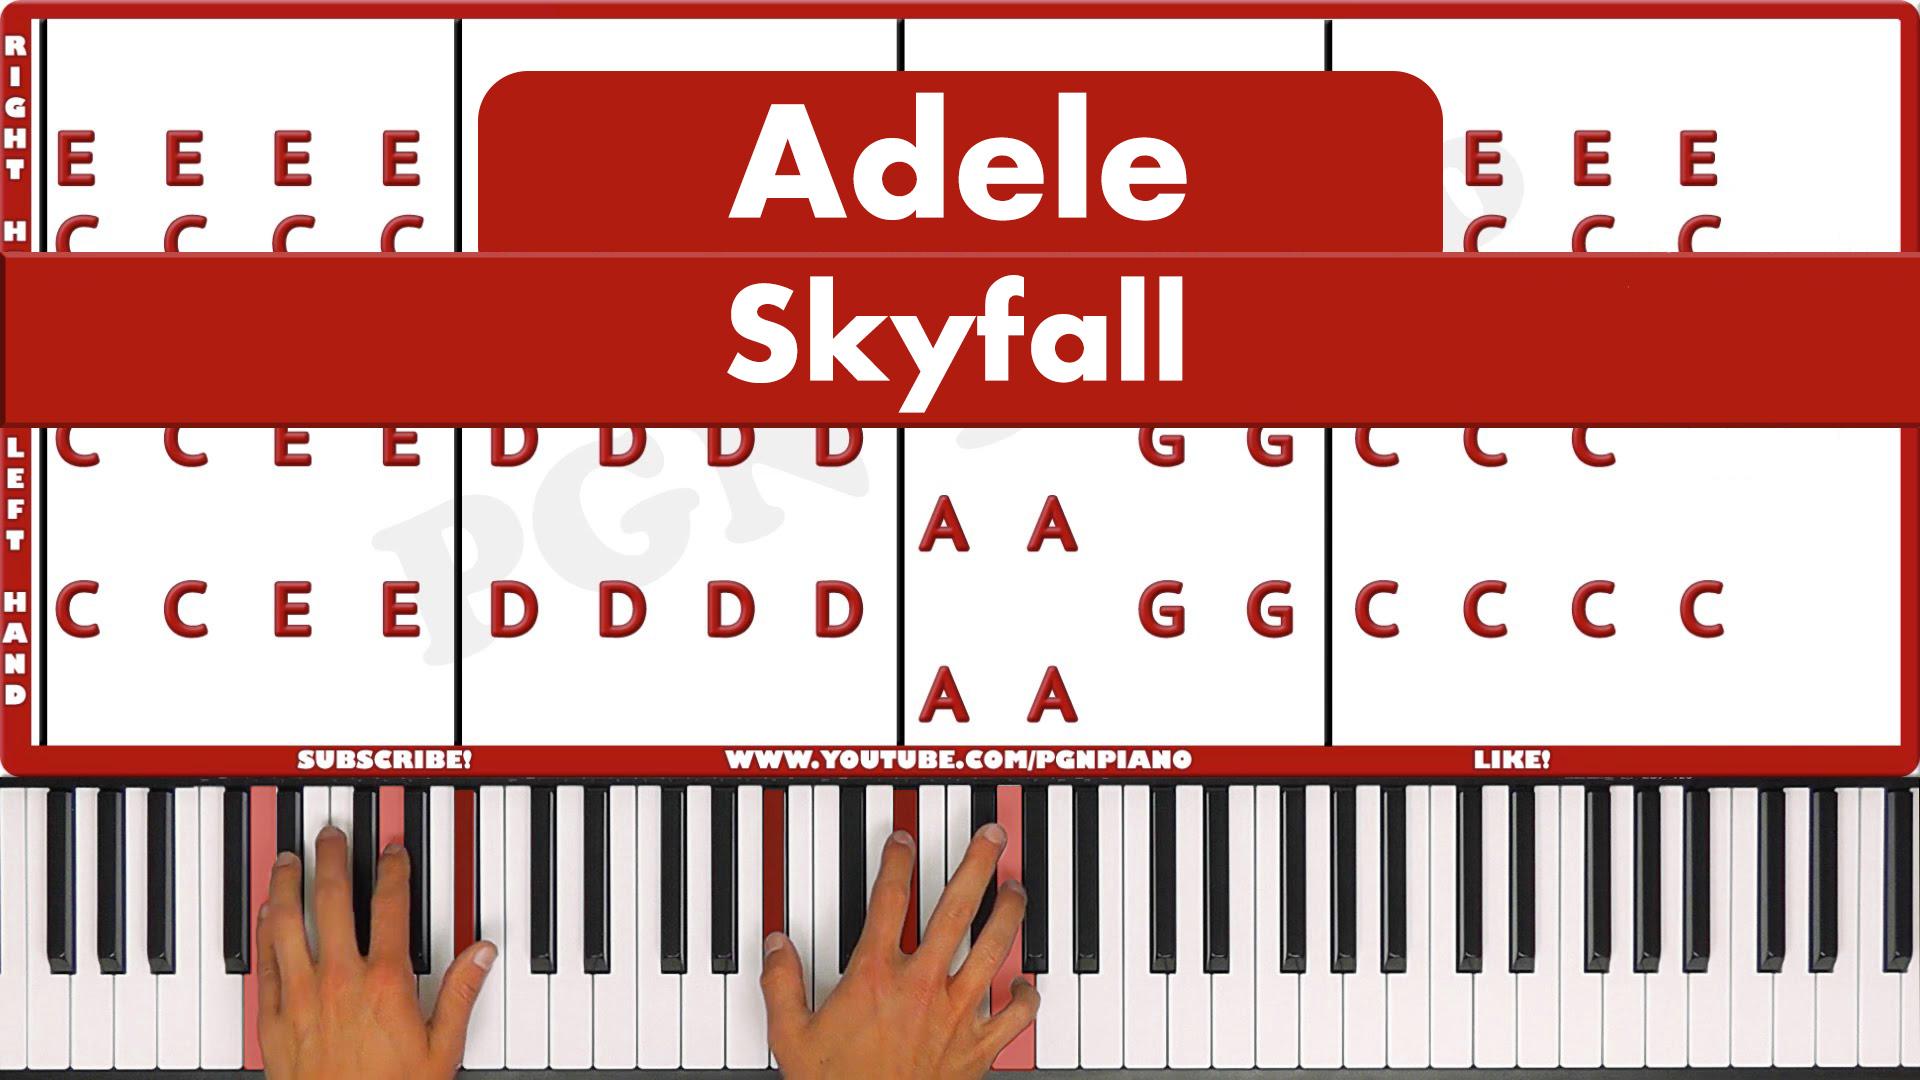 Adele – Skyfall – Original